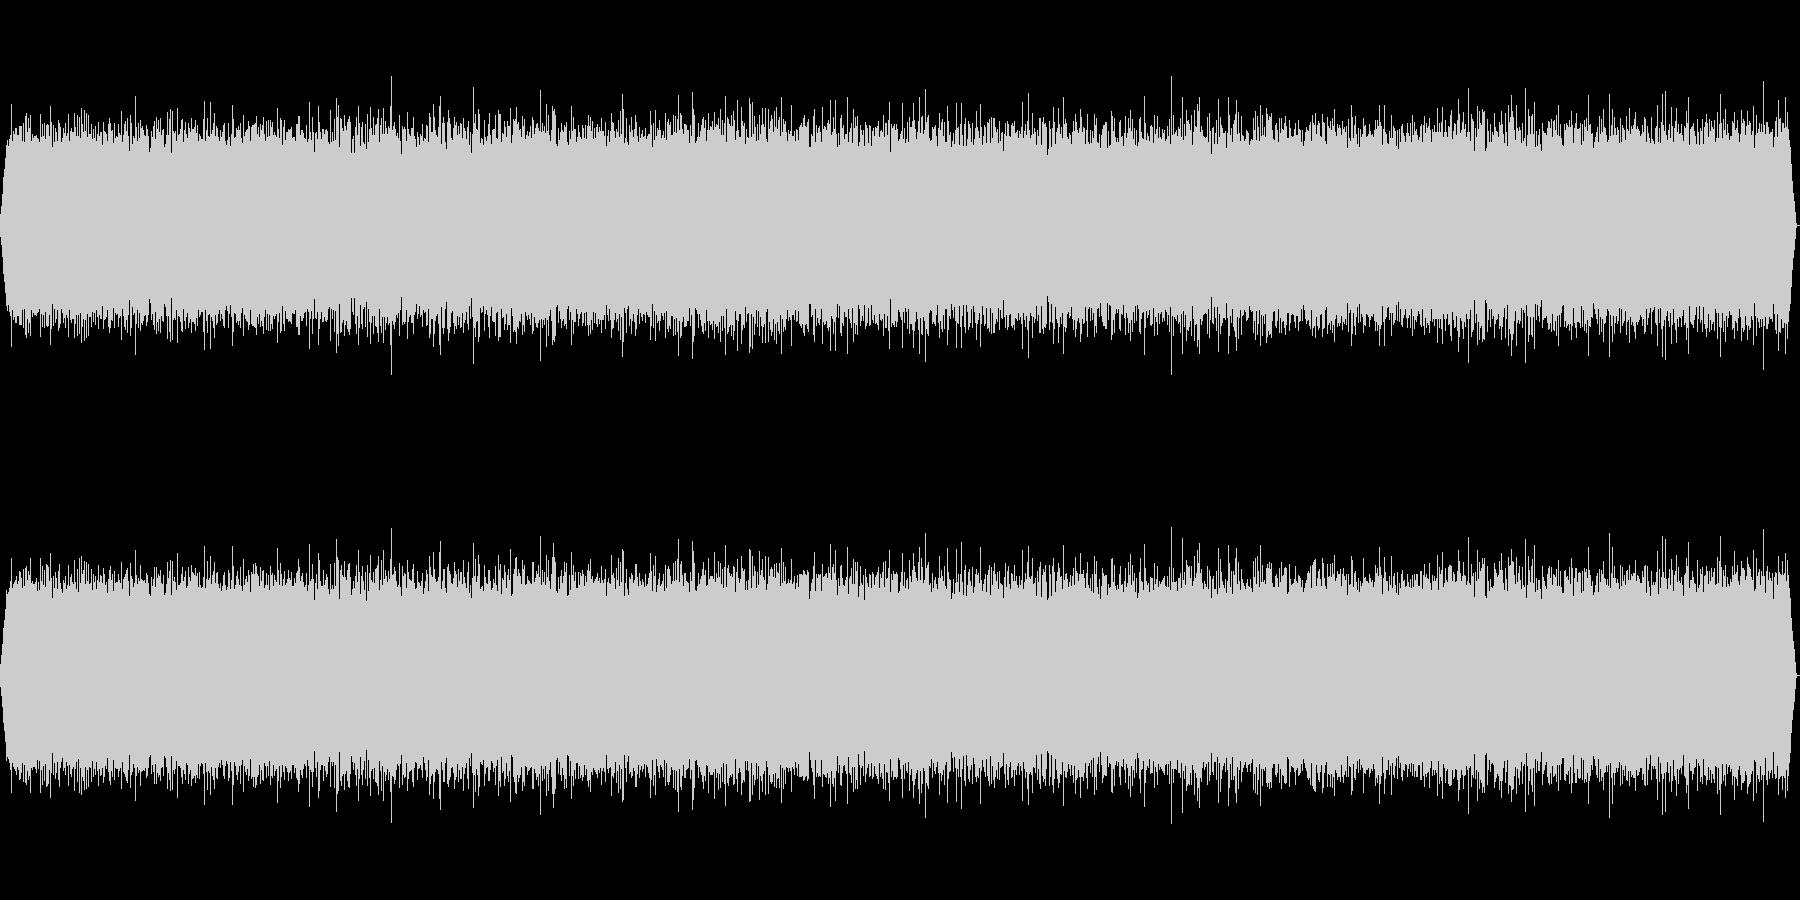 【ザー】ホワイトノイズの未再生の波形